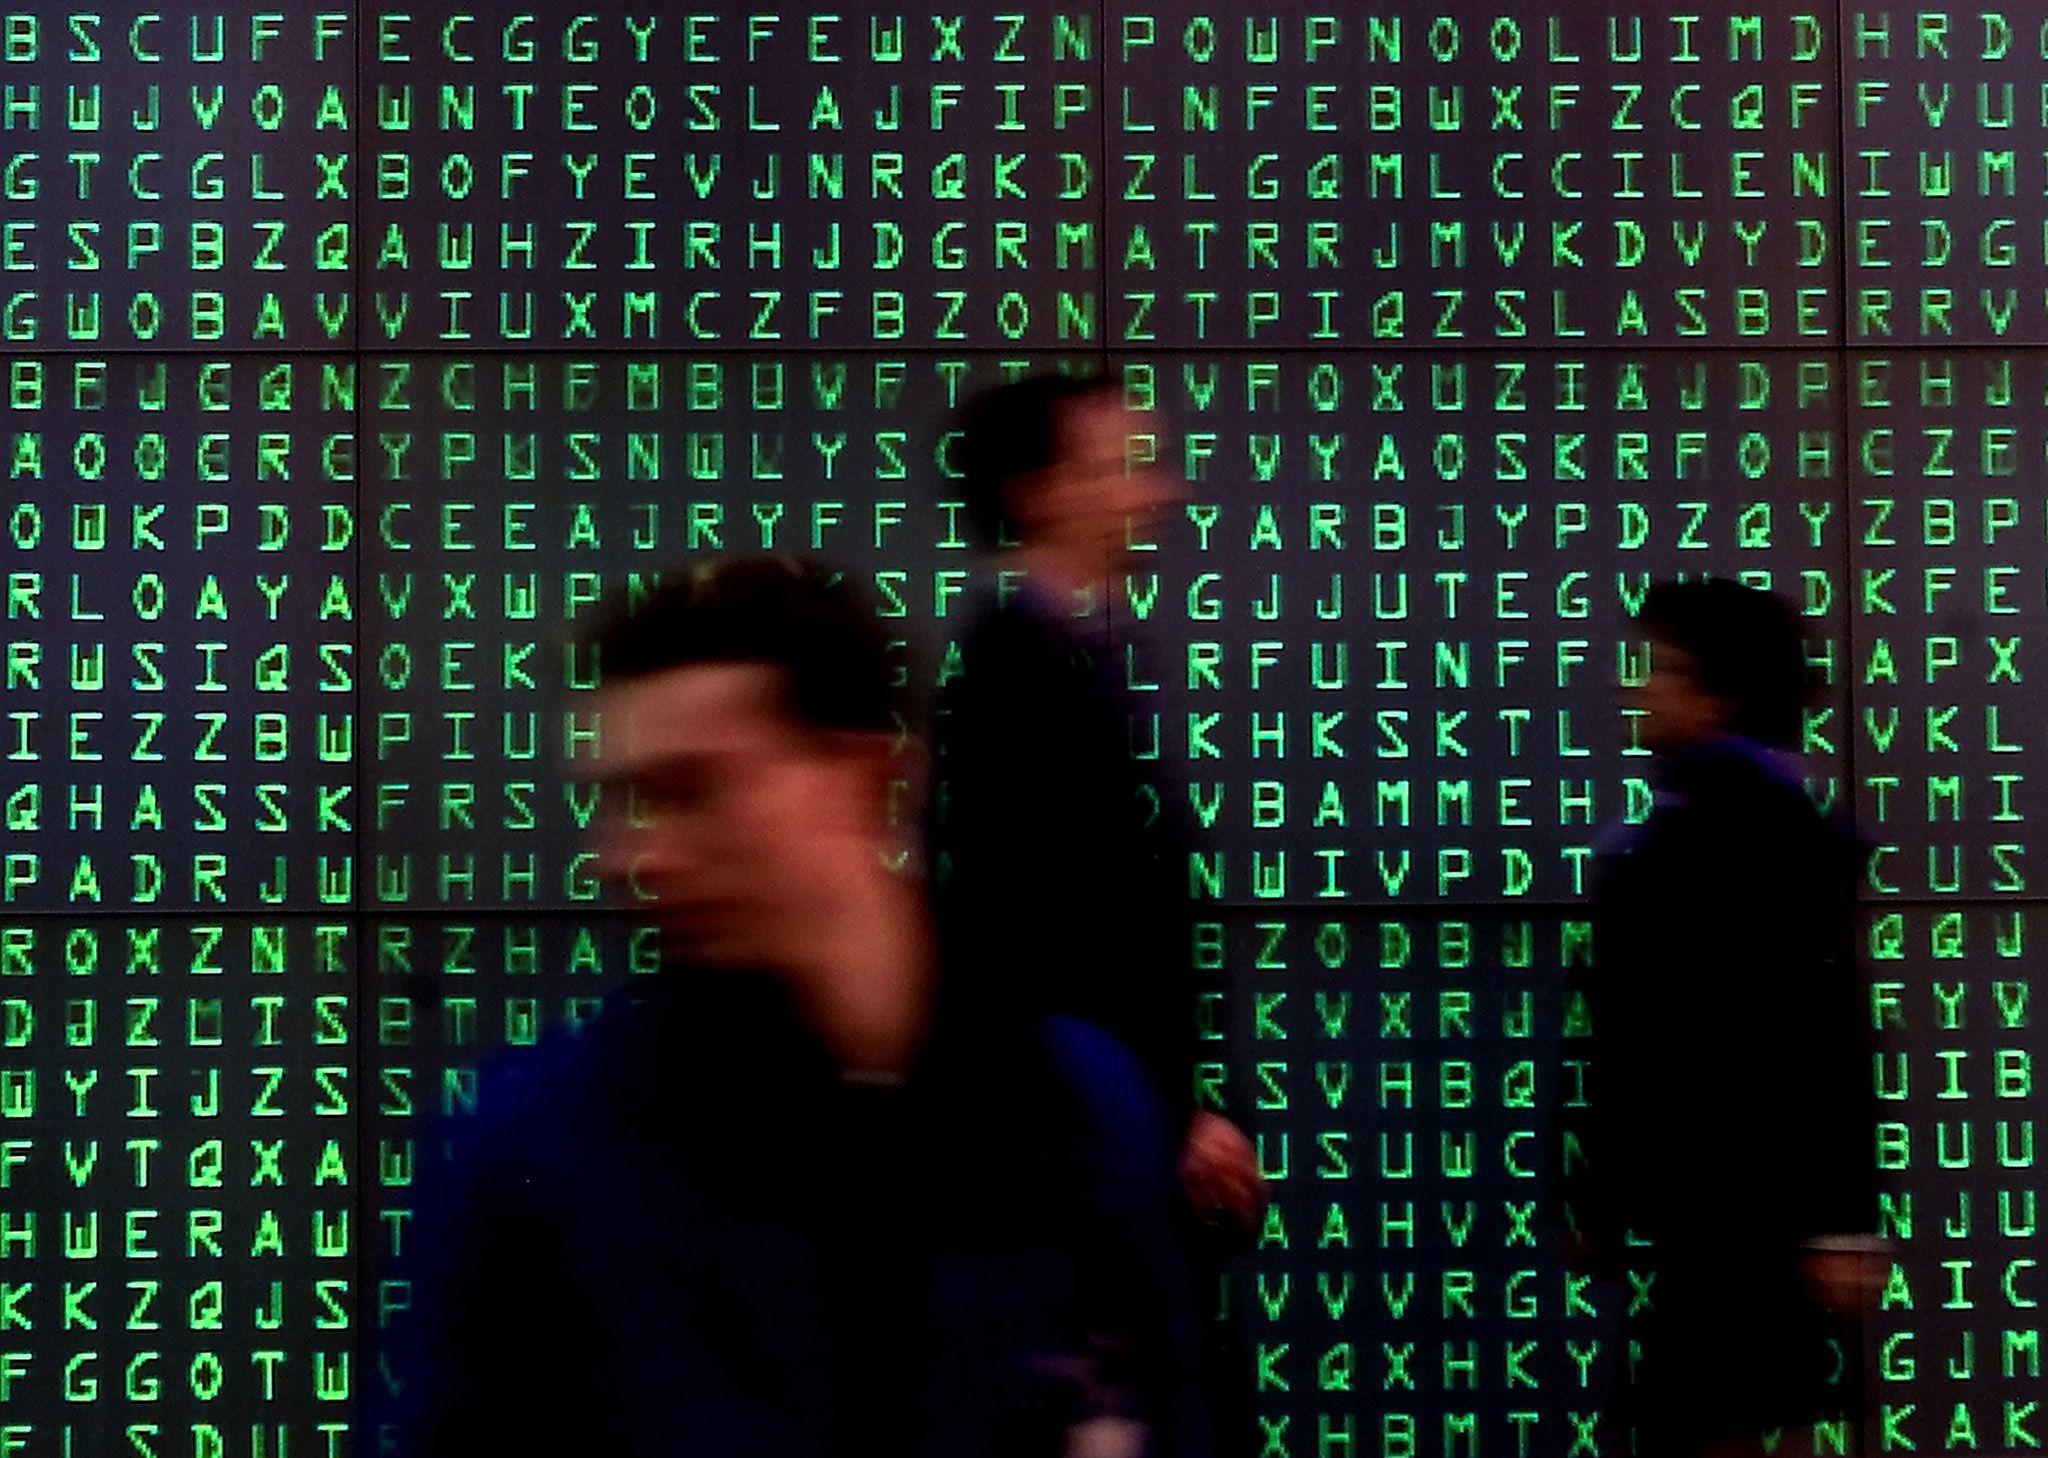 Ce nombre compliqué constitue une sorte de point de rupture pour les nombreux systèmes informatiques développés en 32 bits.